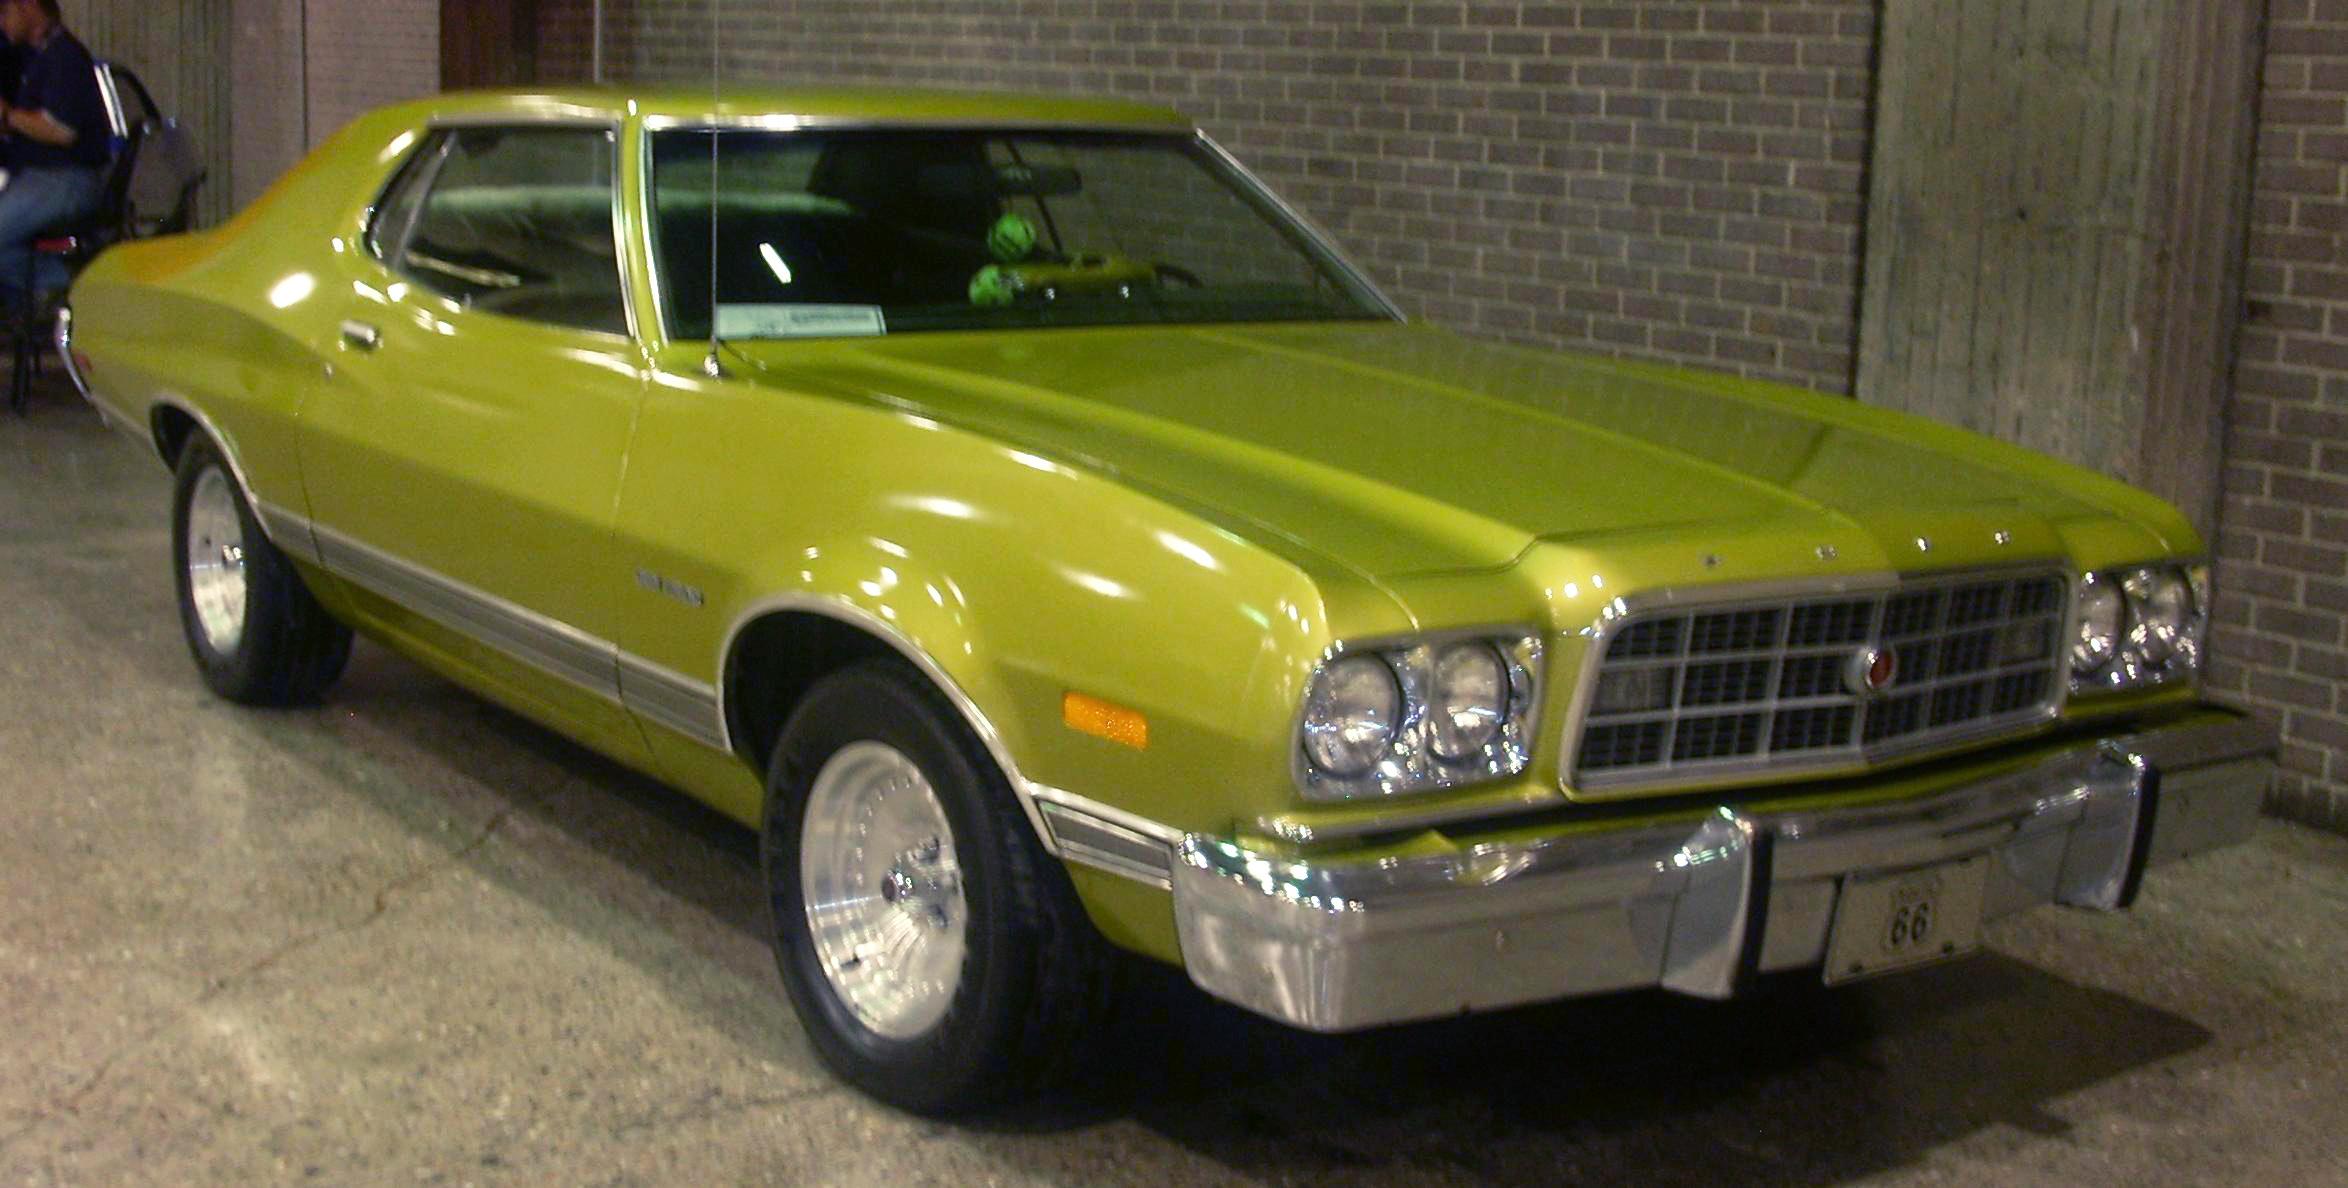 File:\'73 Ford Gran Torino (Auto classique).JPG - Wikimedia Commons